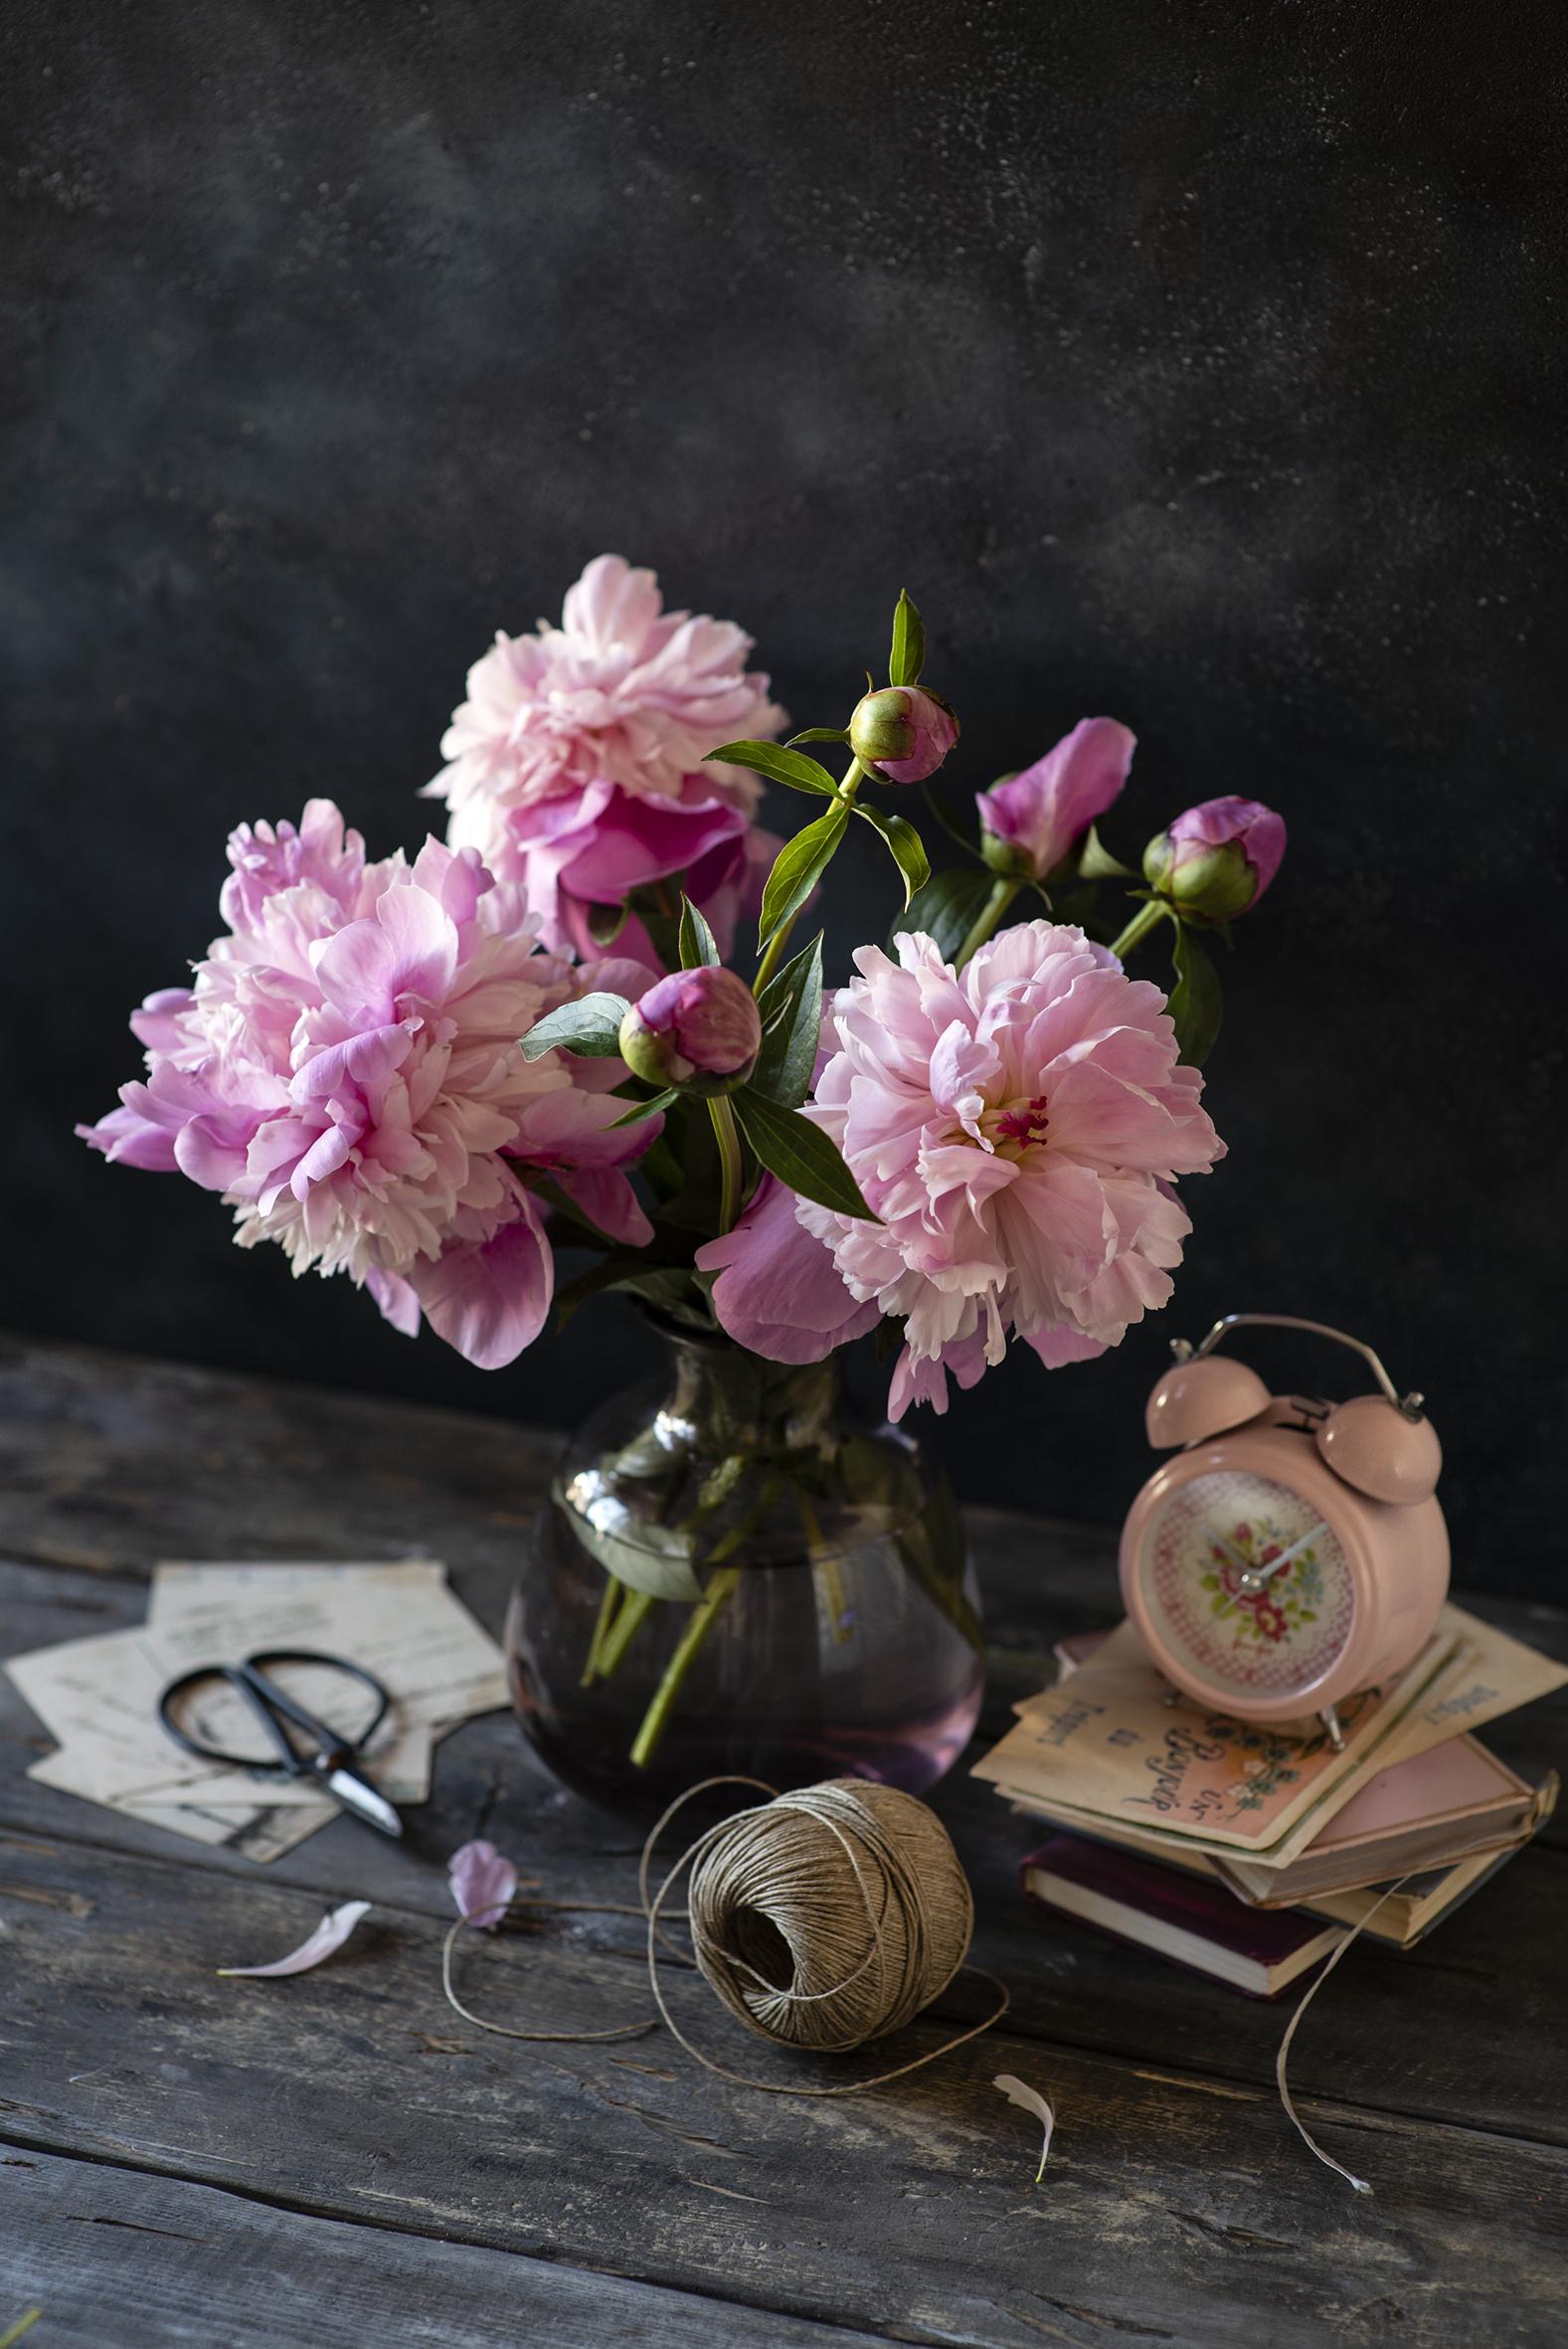 Картинка Часы розовая Пионы цветок Будильник Ваза книги Бутон Доски  для мобильного телефона Розовый розовые розовых пион Цветы вазе вазы Книга